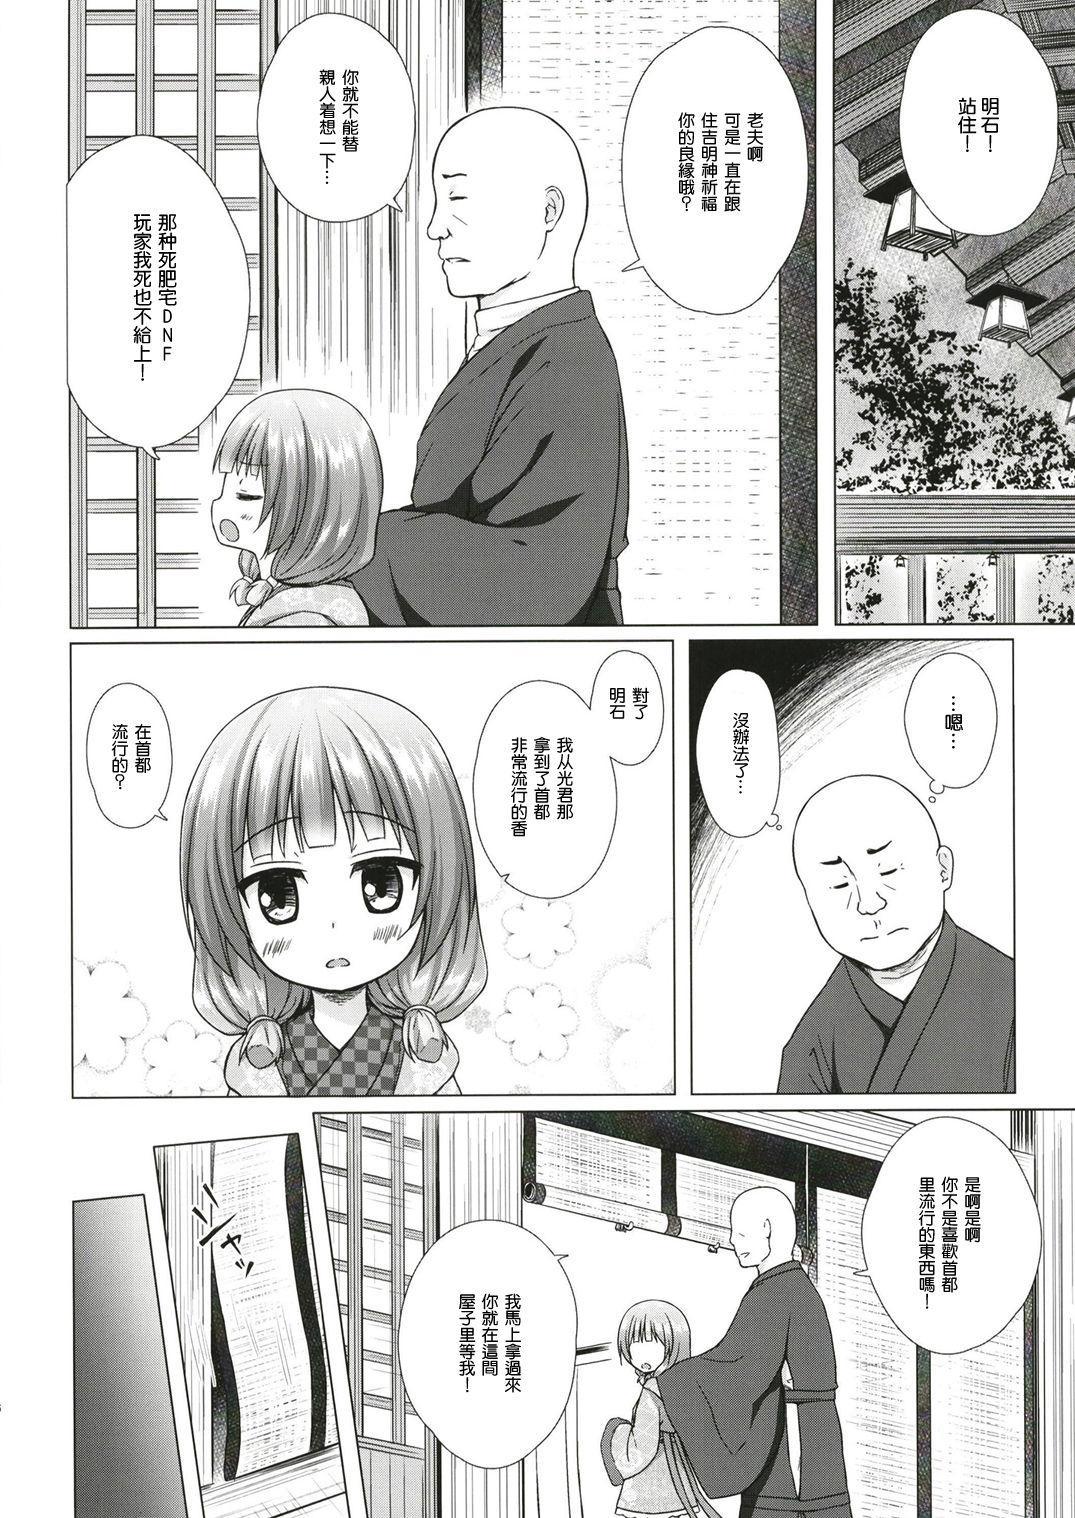 Hikari no Kimi no Saganaki Keikaku <Akashi> 5